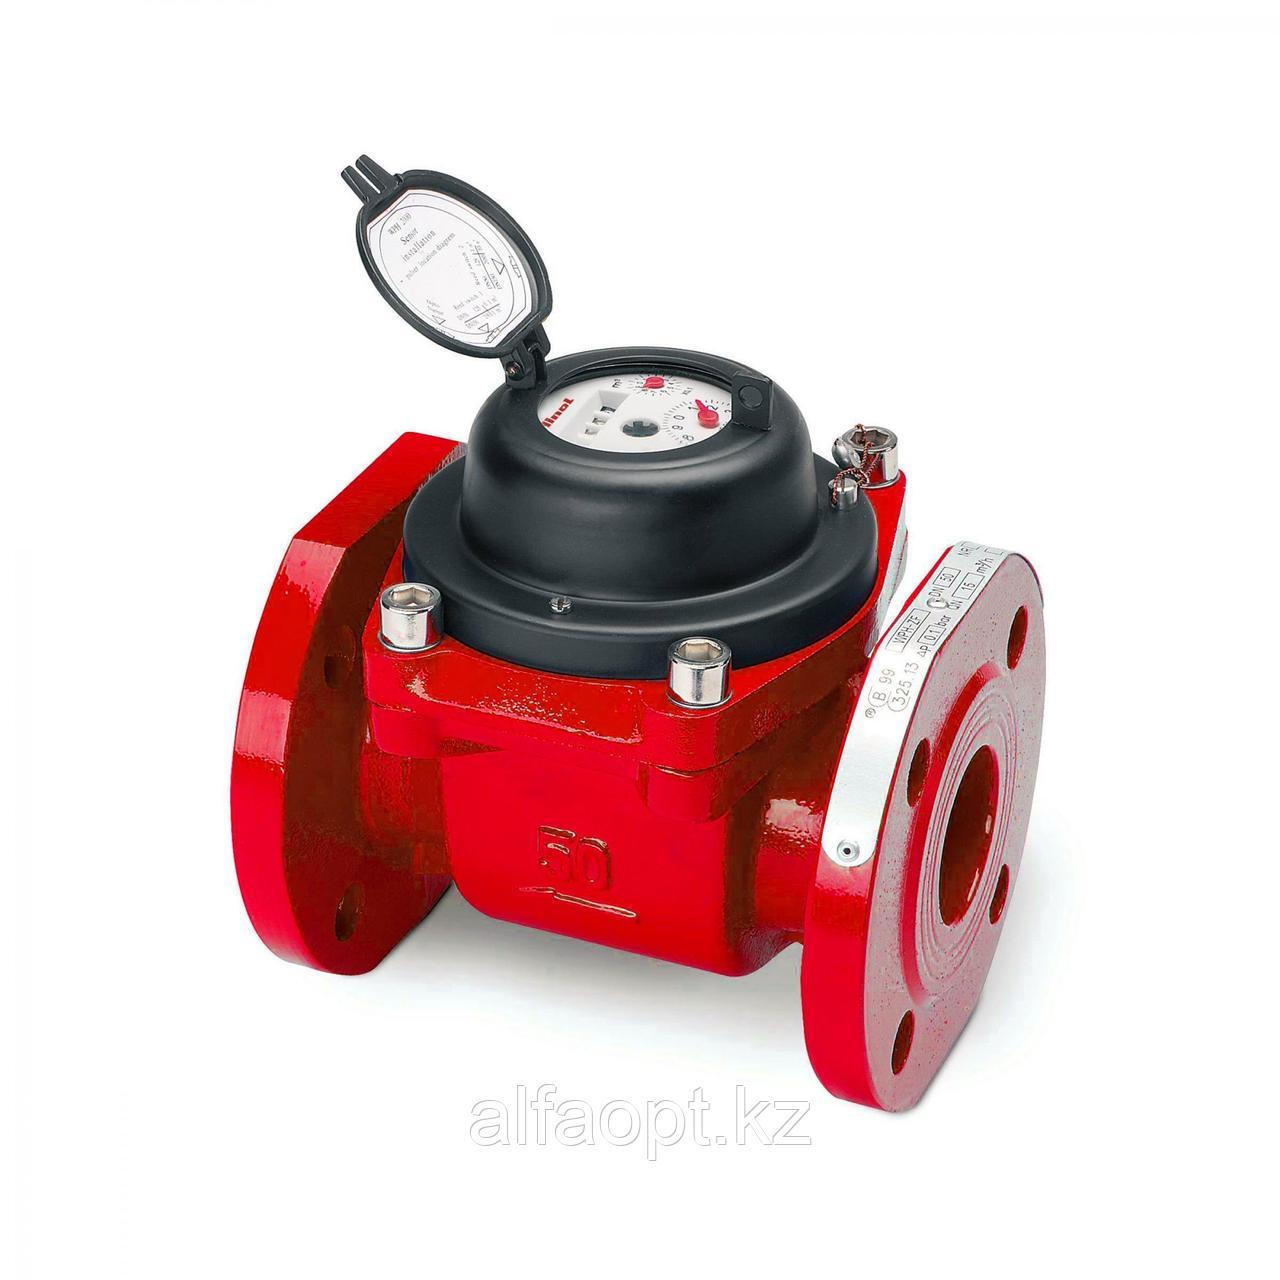 Счетчик воды турбинный Миномесс СВТХ/СВТГ DN 65 (СВТГ)